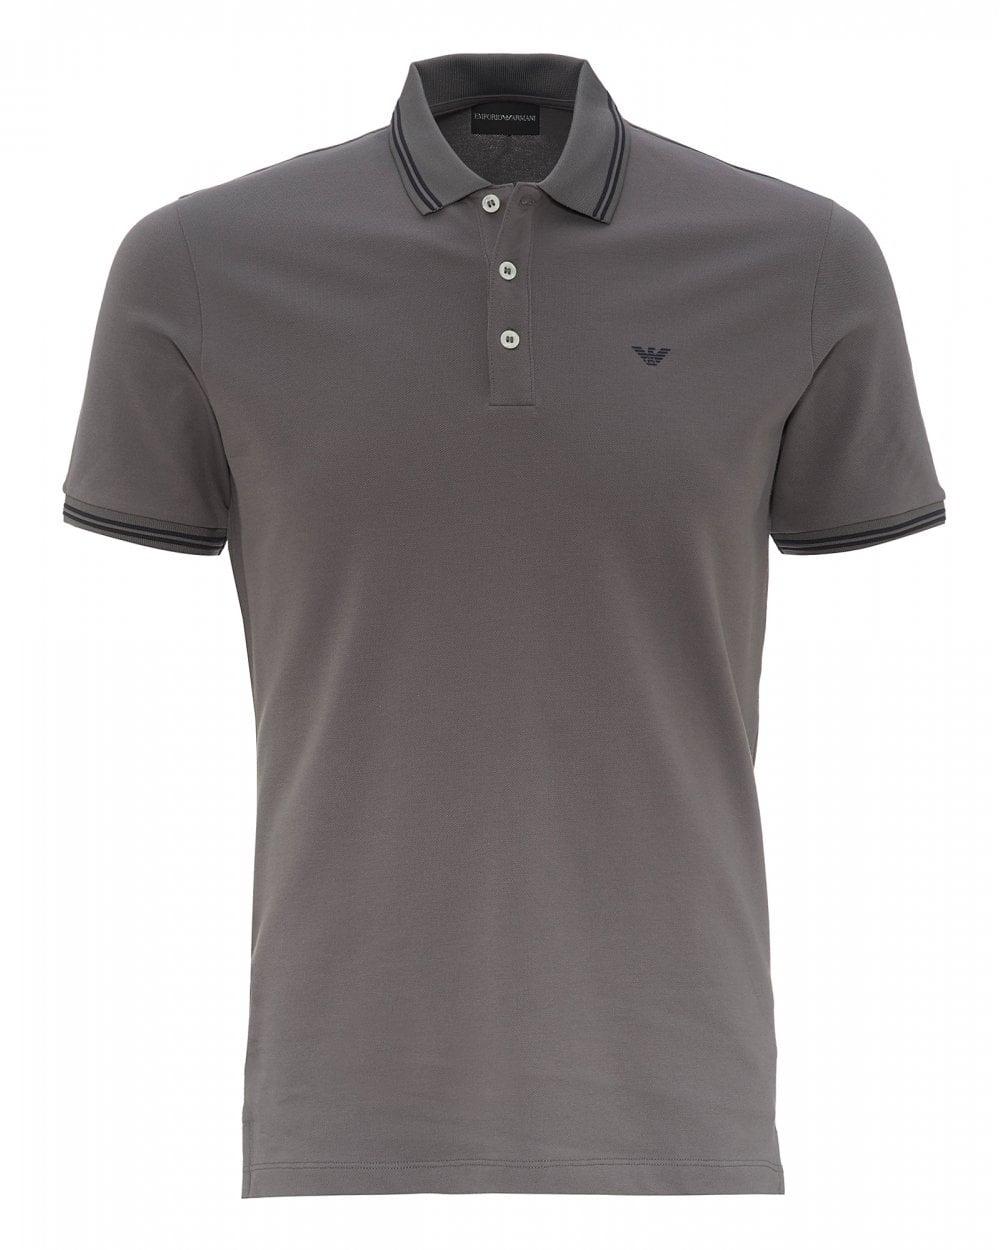 7b40f4dd36 Mens Tipped Collar & Cuff Polo Shirt, Modern Fit Grey Polo